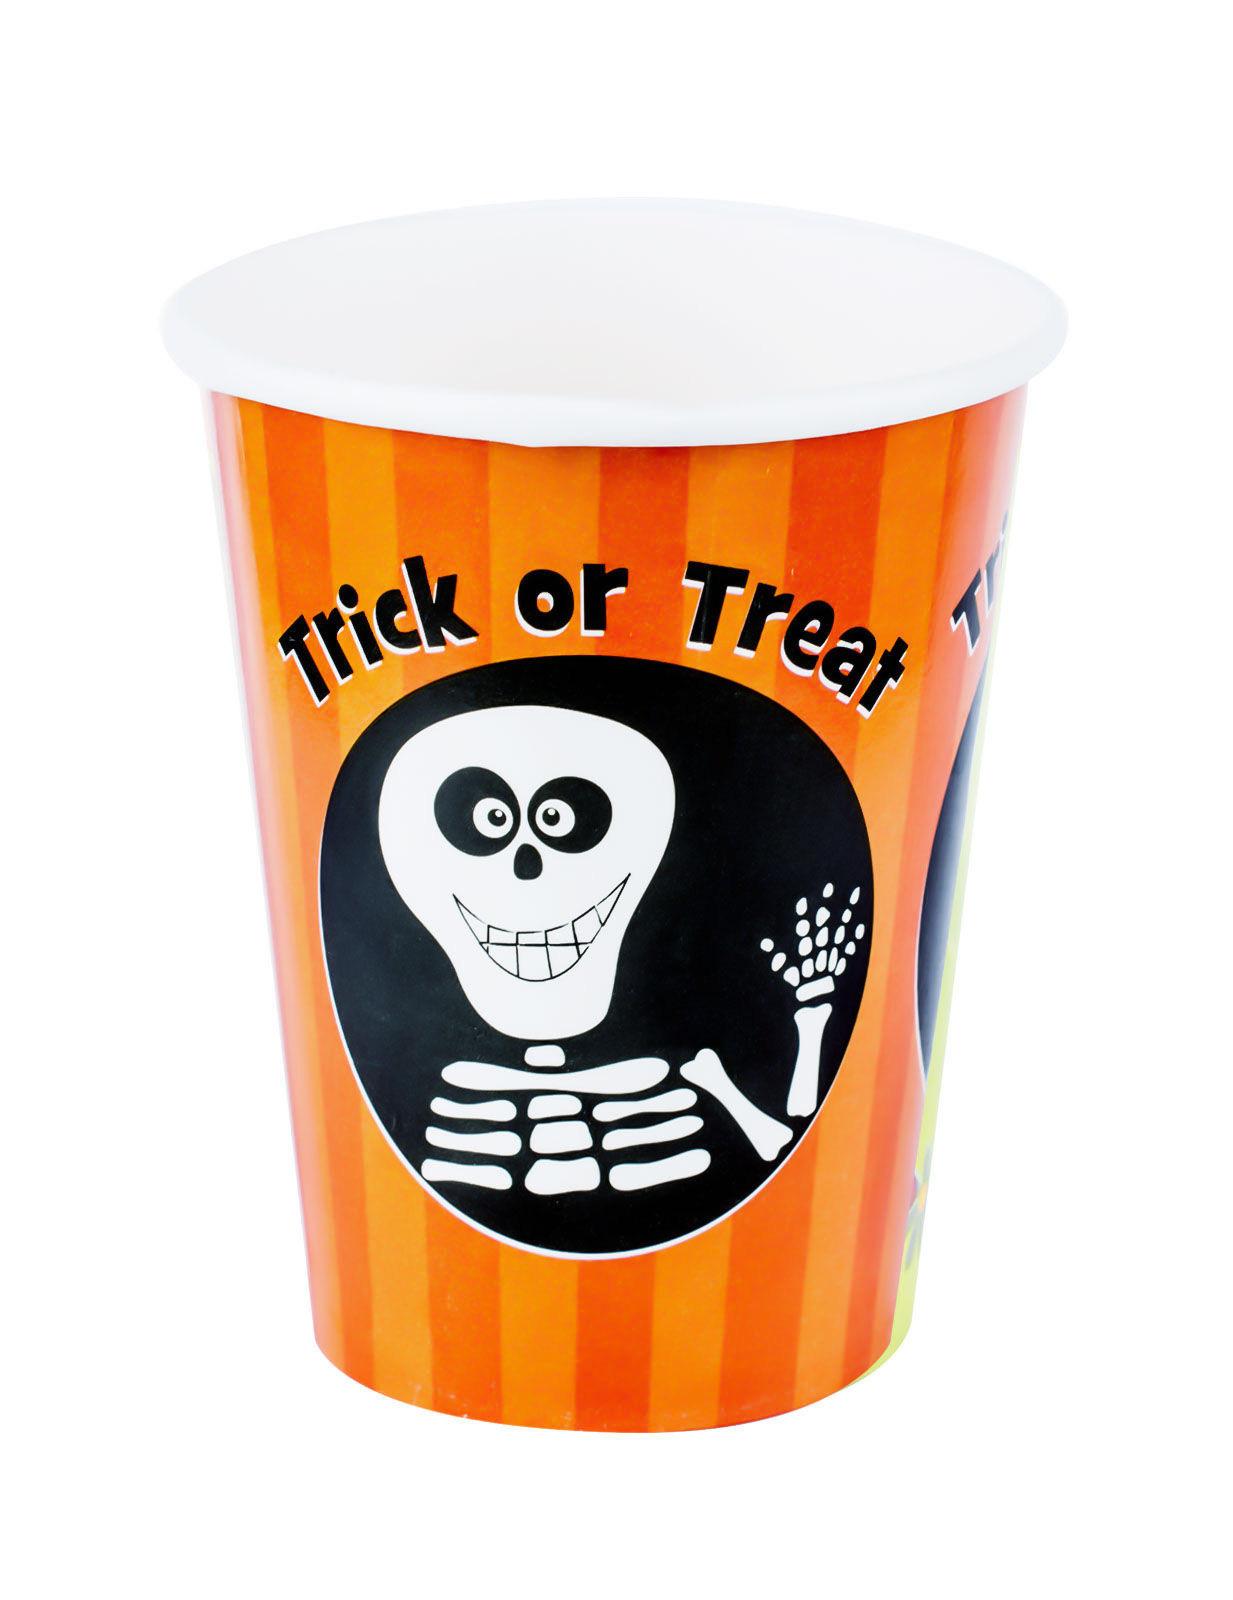 s e trick or treat pappbecher skelett halloween 8 st ck orange schwarz 230ml partydeko und. Black Bedroom Furniture Sets. Home Design Ideas